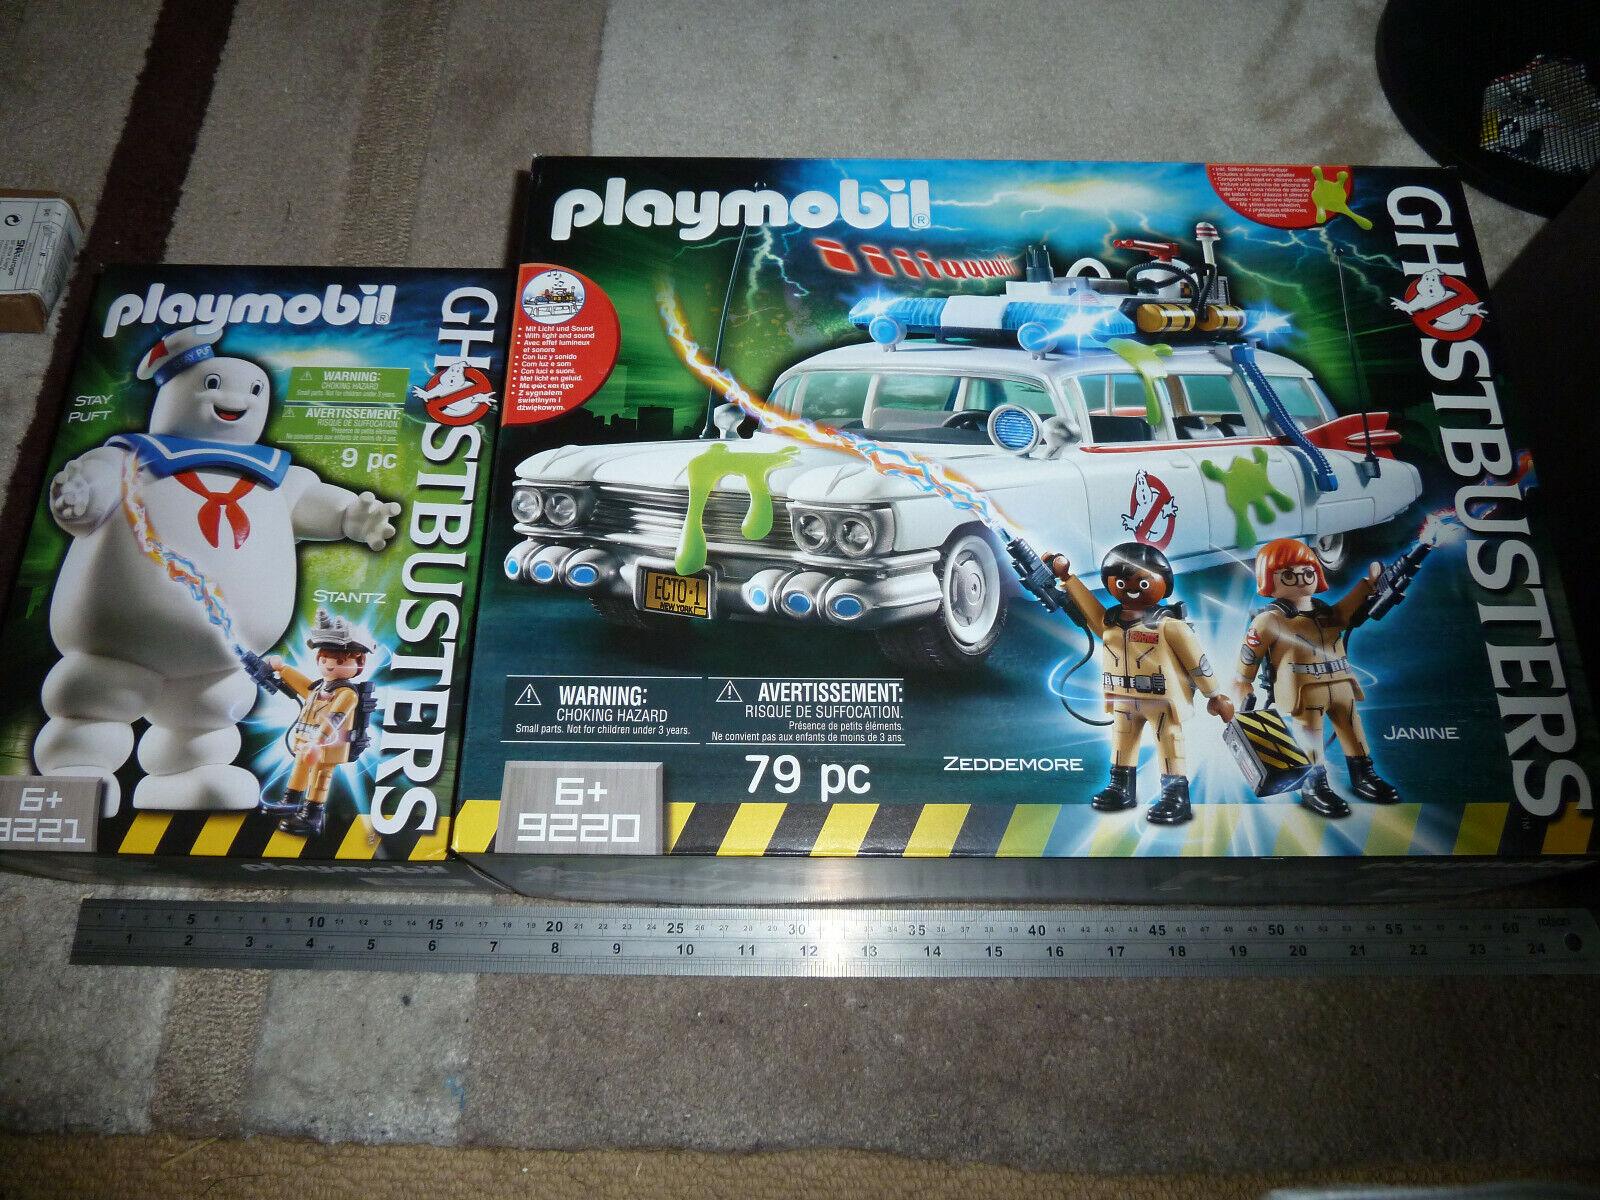 PLAYMOBIL GHOSTautobusTER ECTO 1 AUTO Playset  9220 + Stay Marshmtuttiow uomo 9221 Nuovo di Zecca Set  risparmia fino al 30-50% di sconto